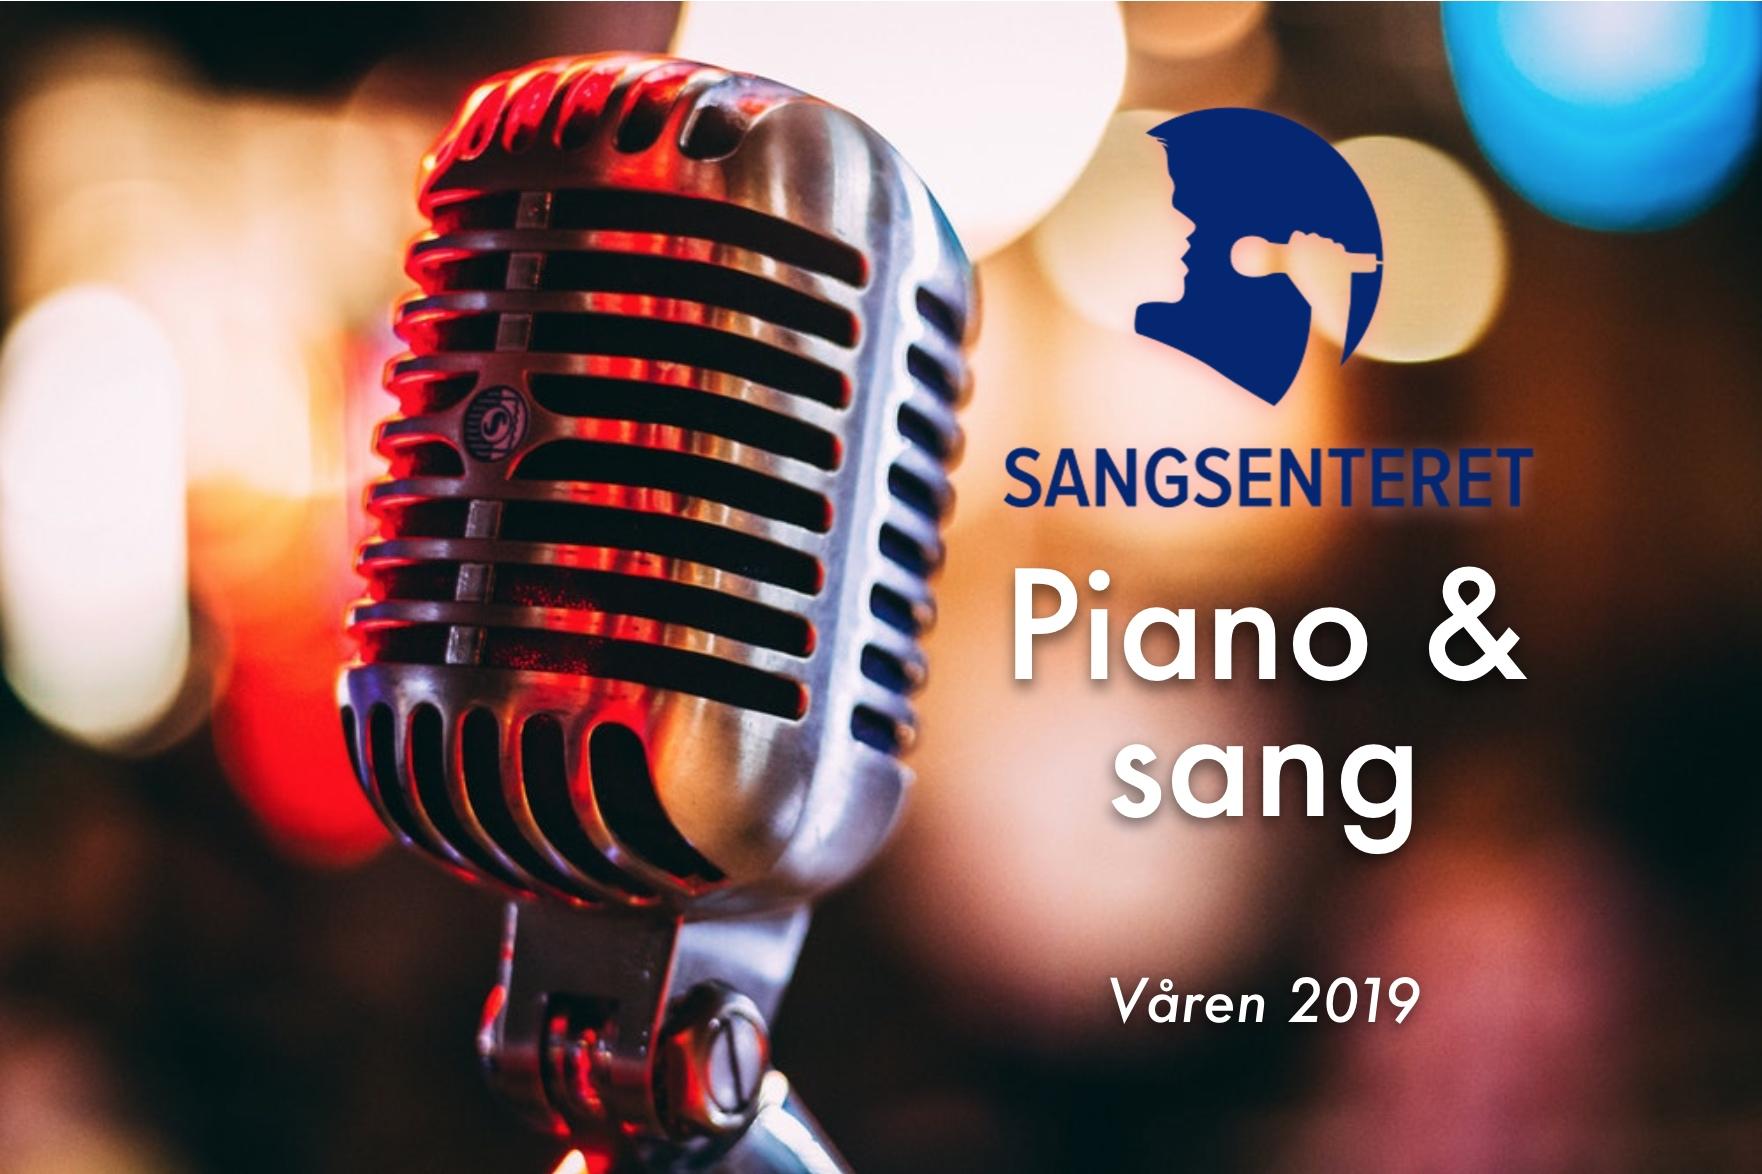 pianosang